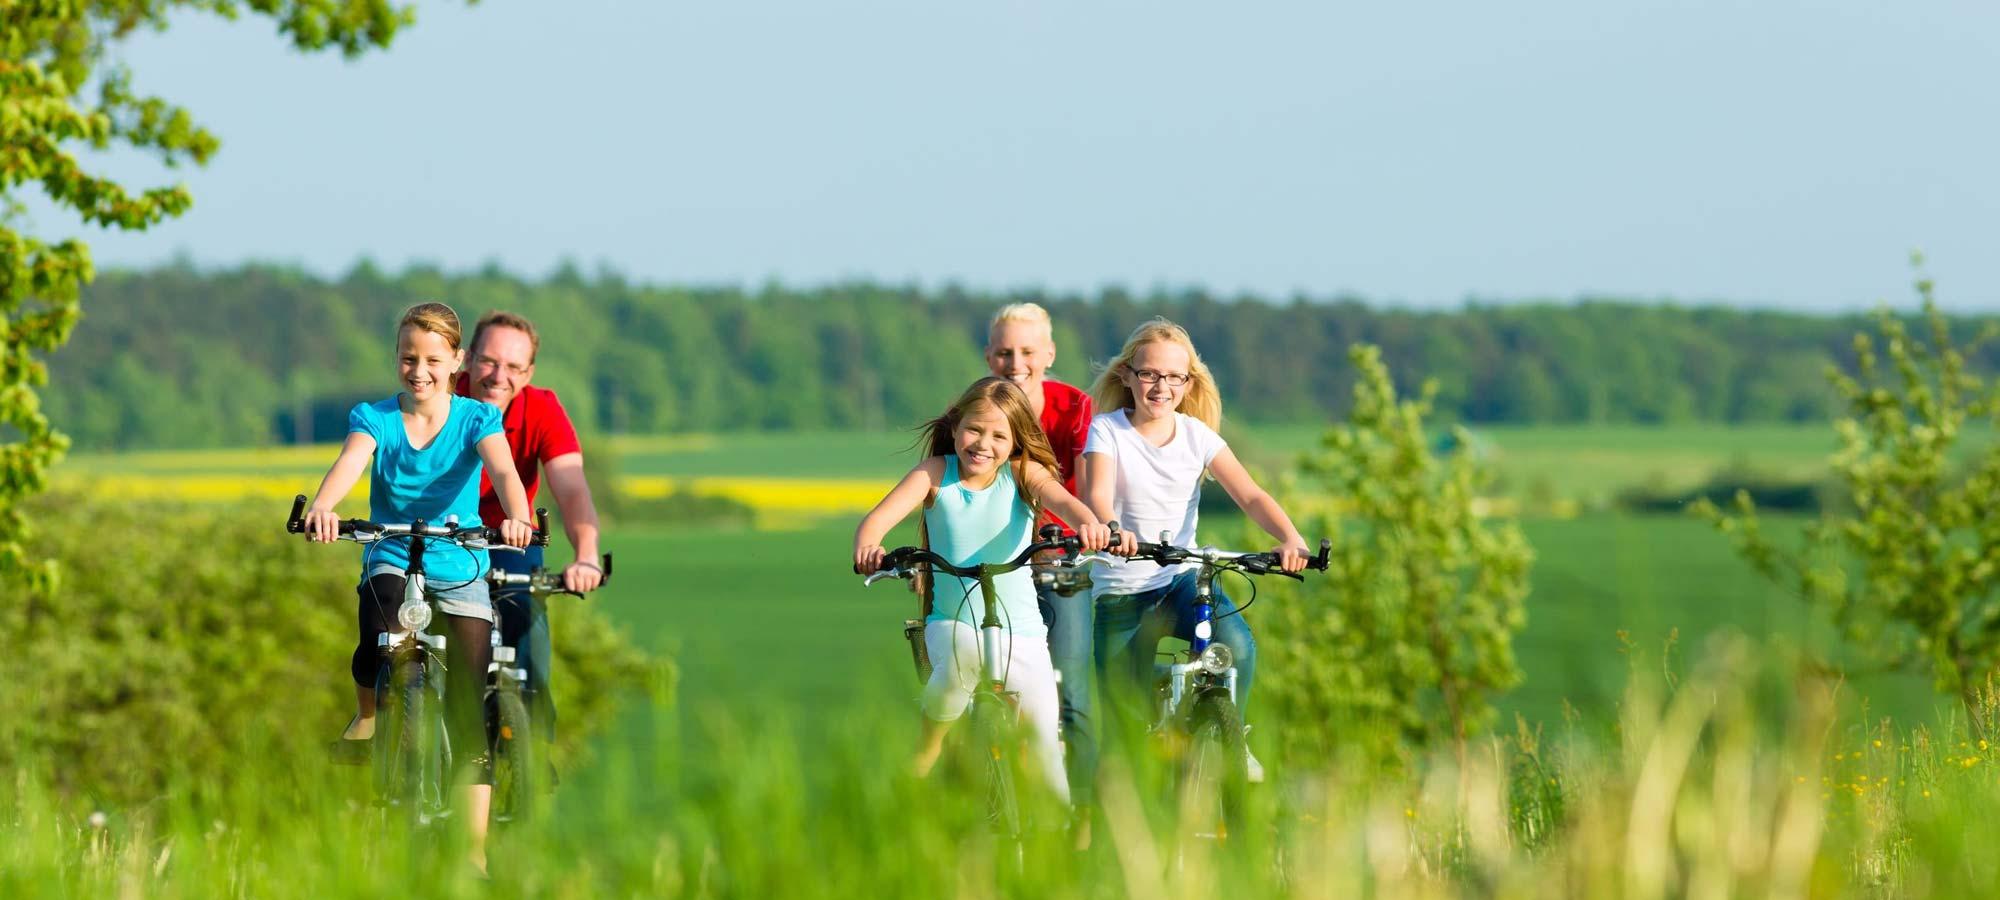 fietsen-wandelen-aalsmeer-amsterdam-large